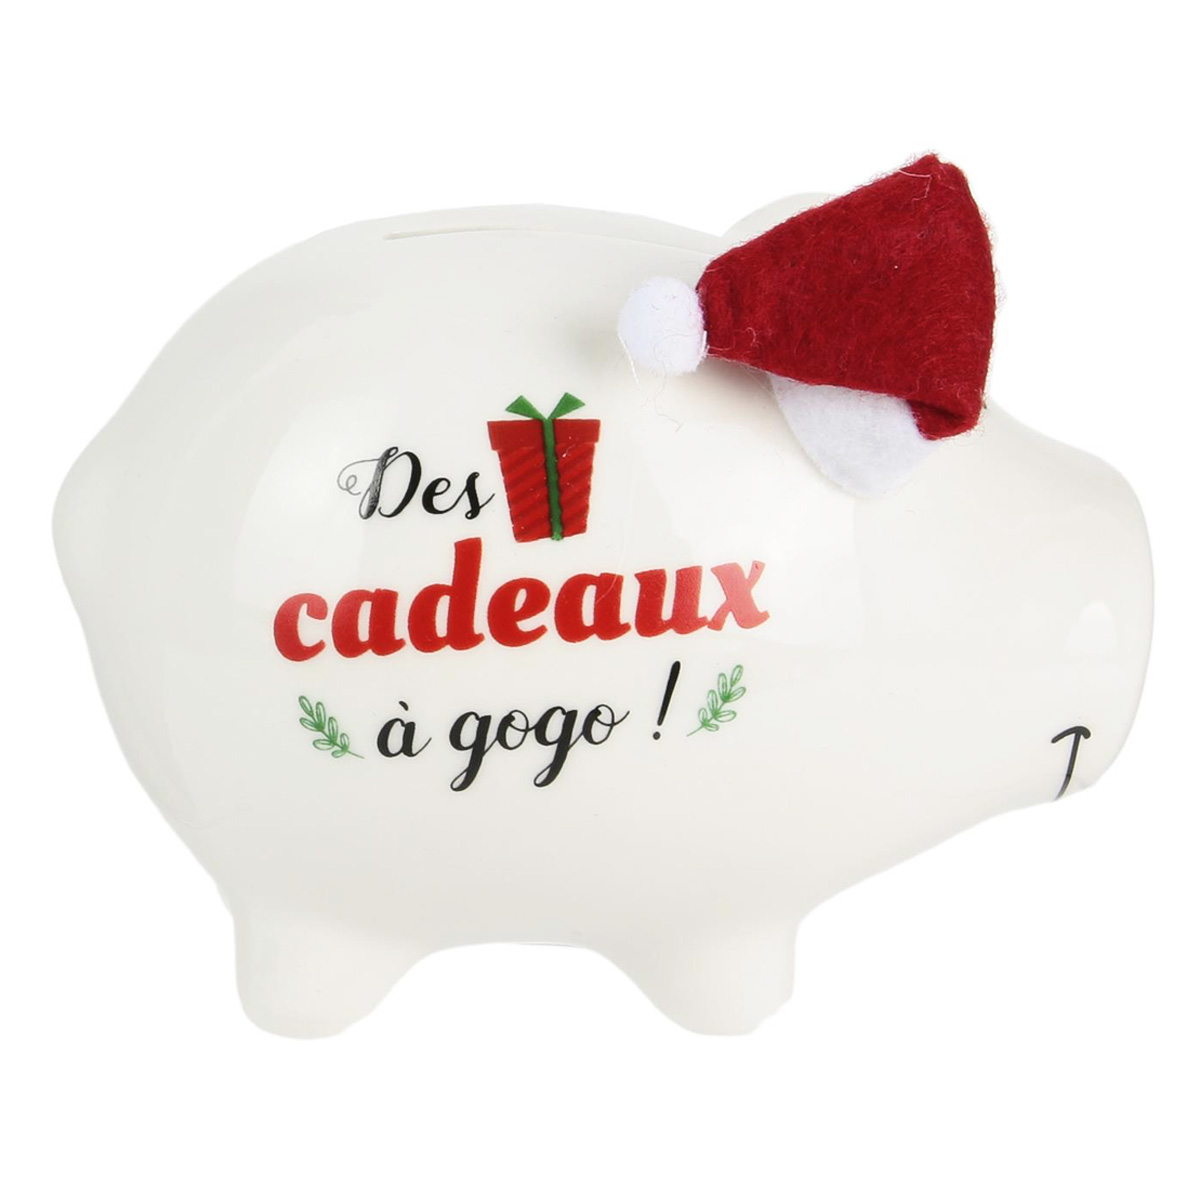 Tirelire céramique \'Cochon Noël\' (Des cadeaux à gogo !) - 11x9x7 cm - [Q3840]